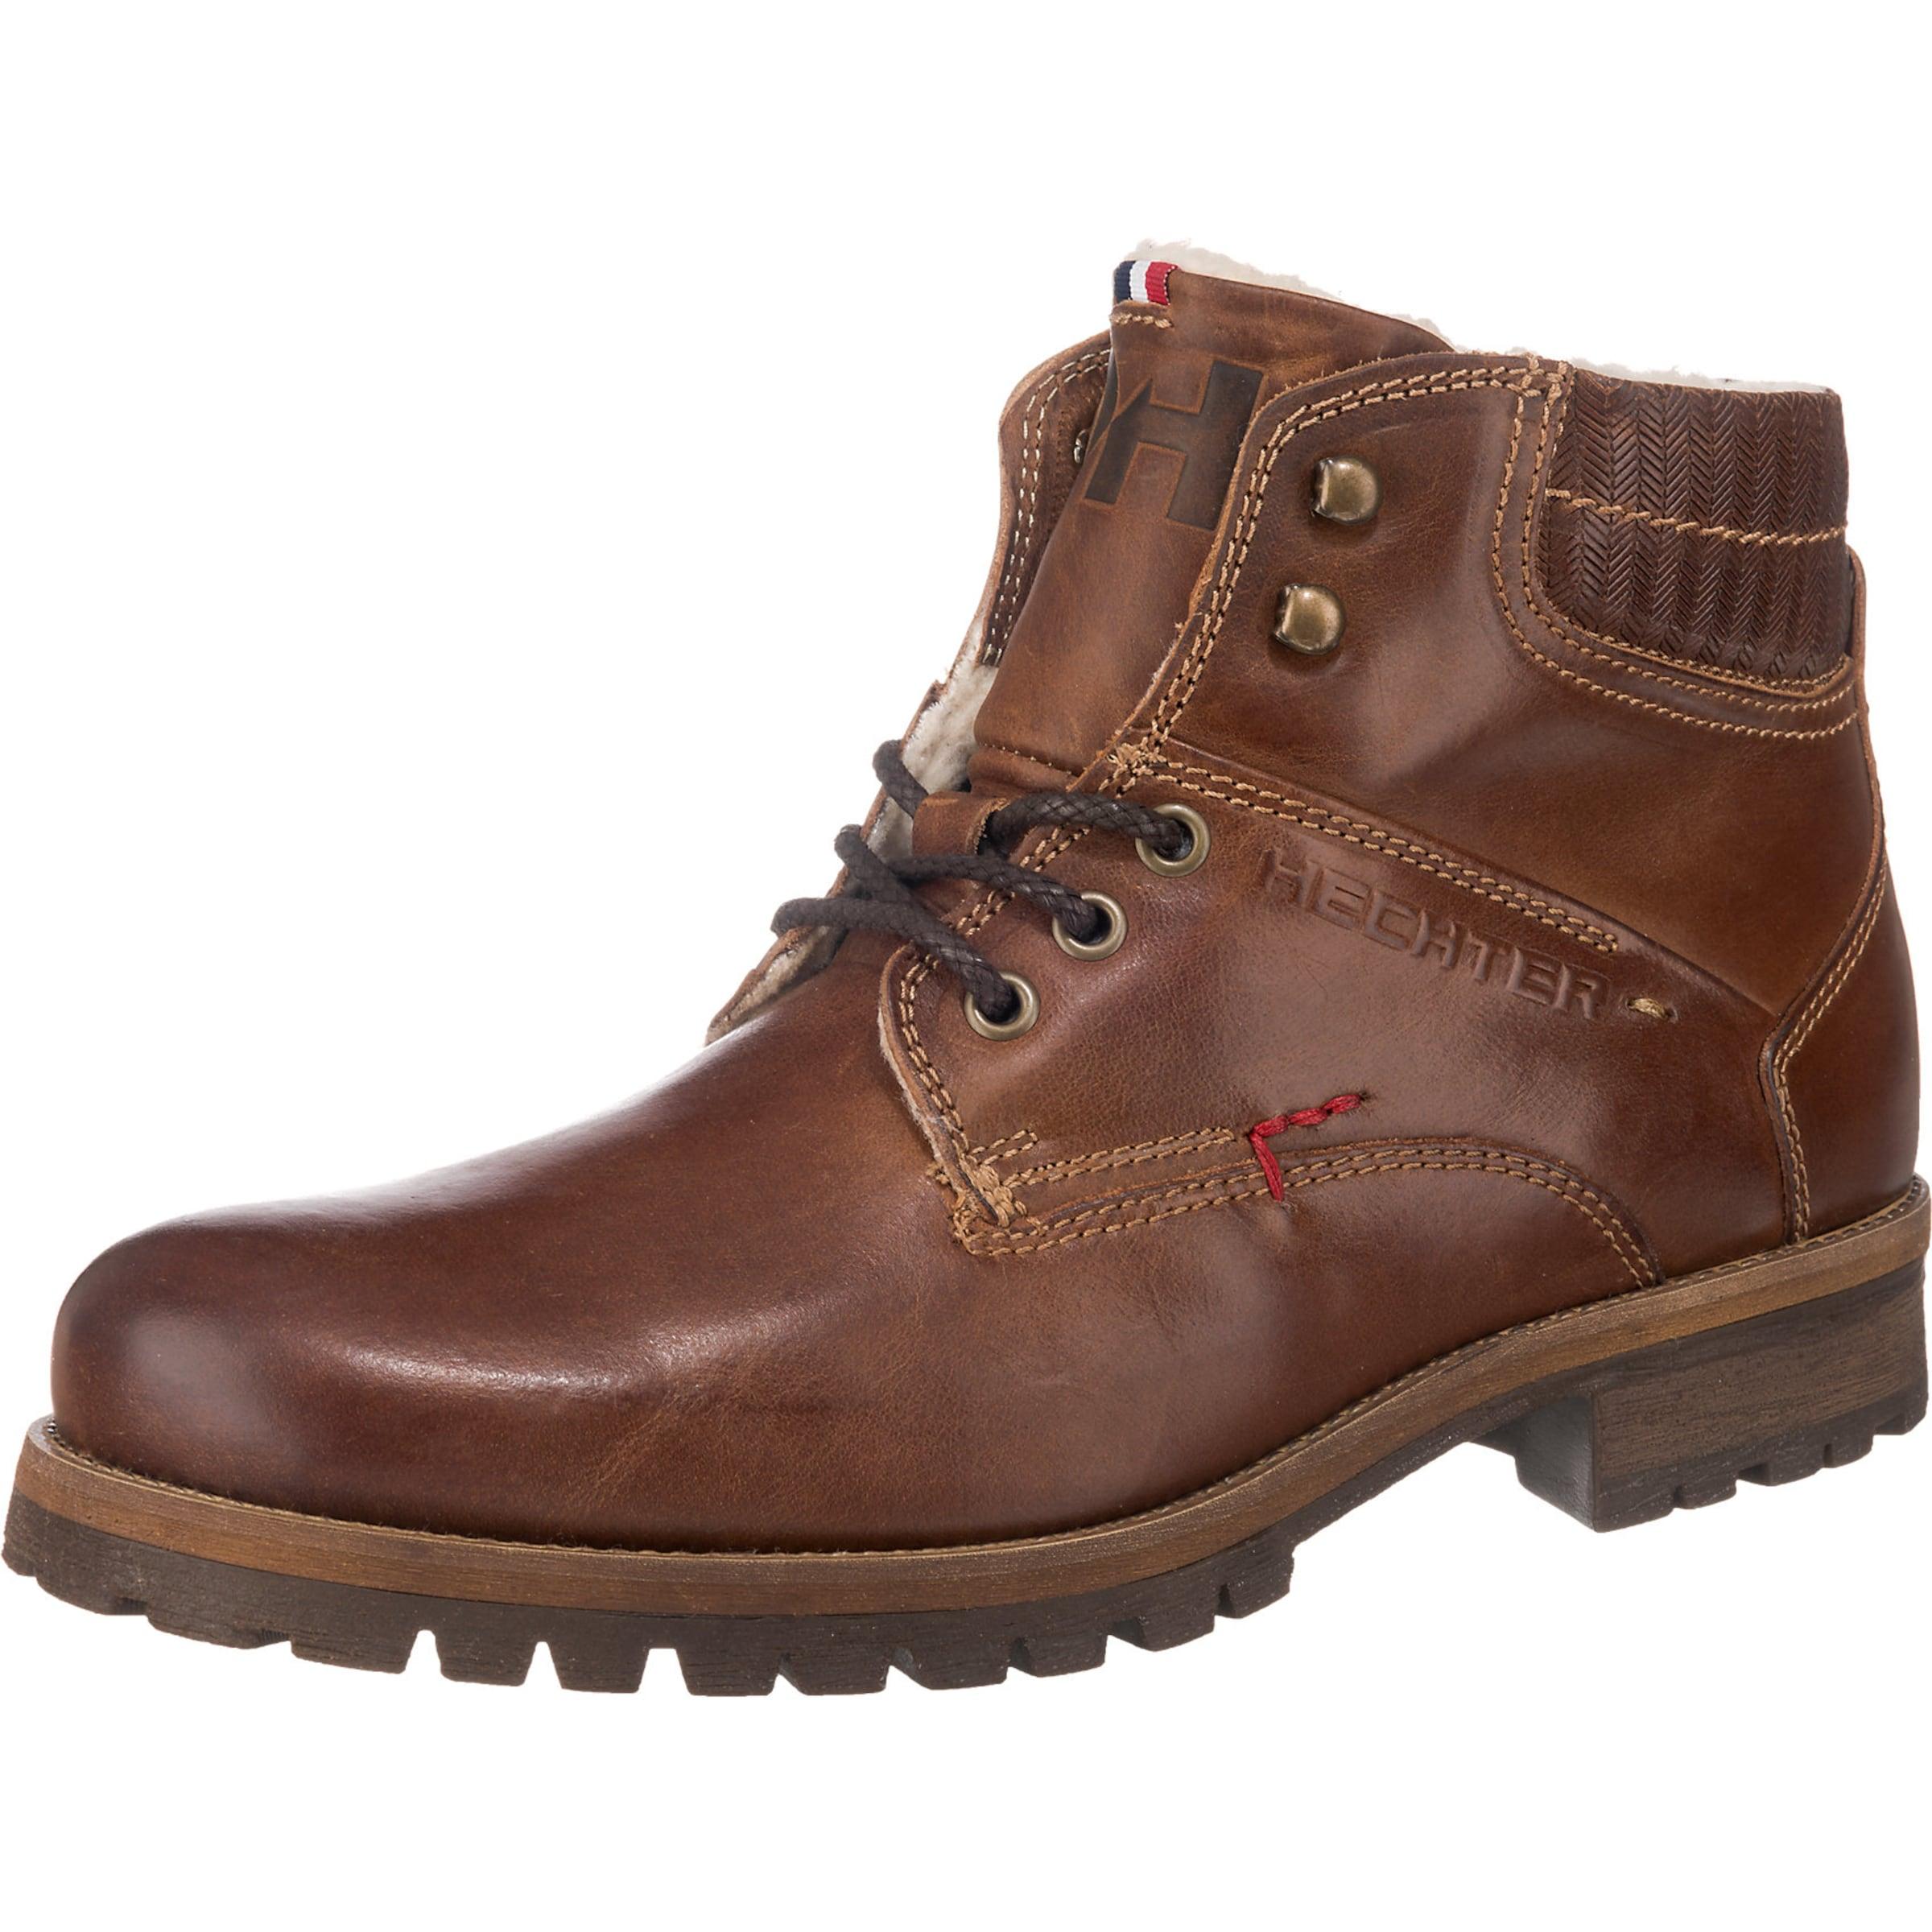 DANIEL HECHTER Stiefeletten Verschleißfeste billige Schuhe